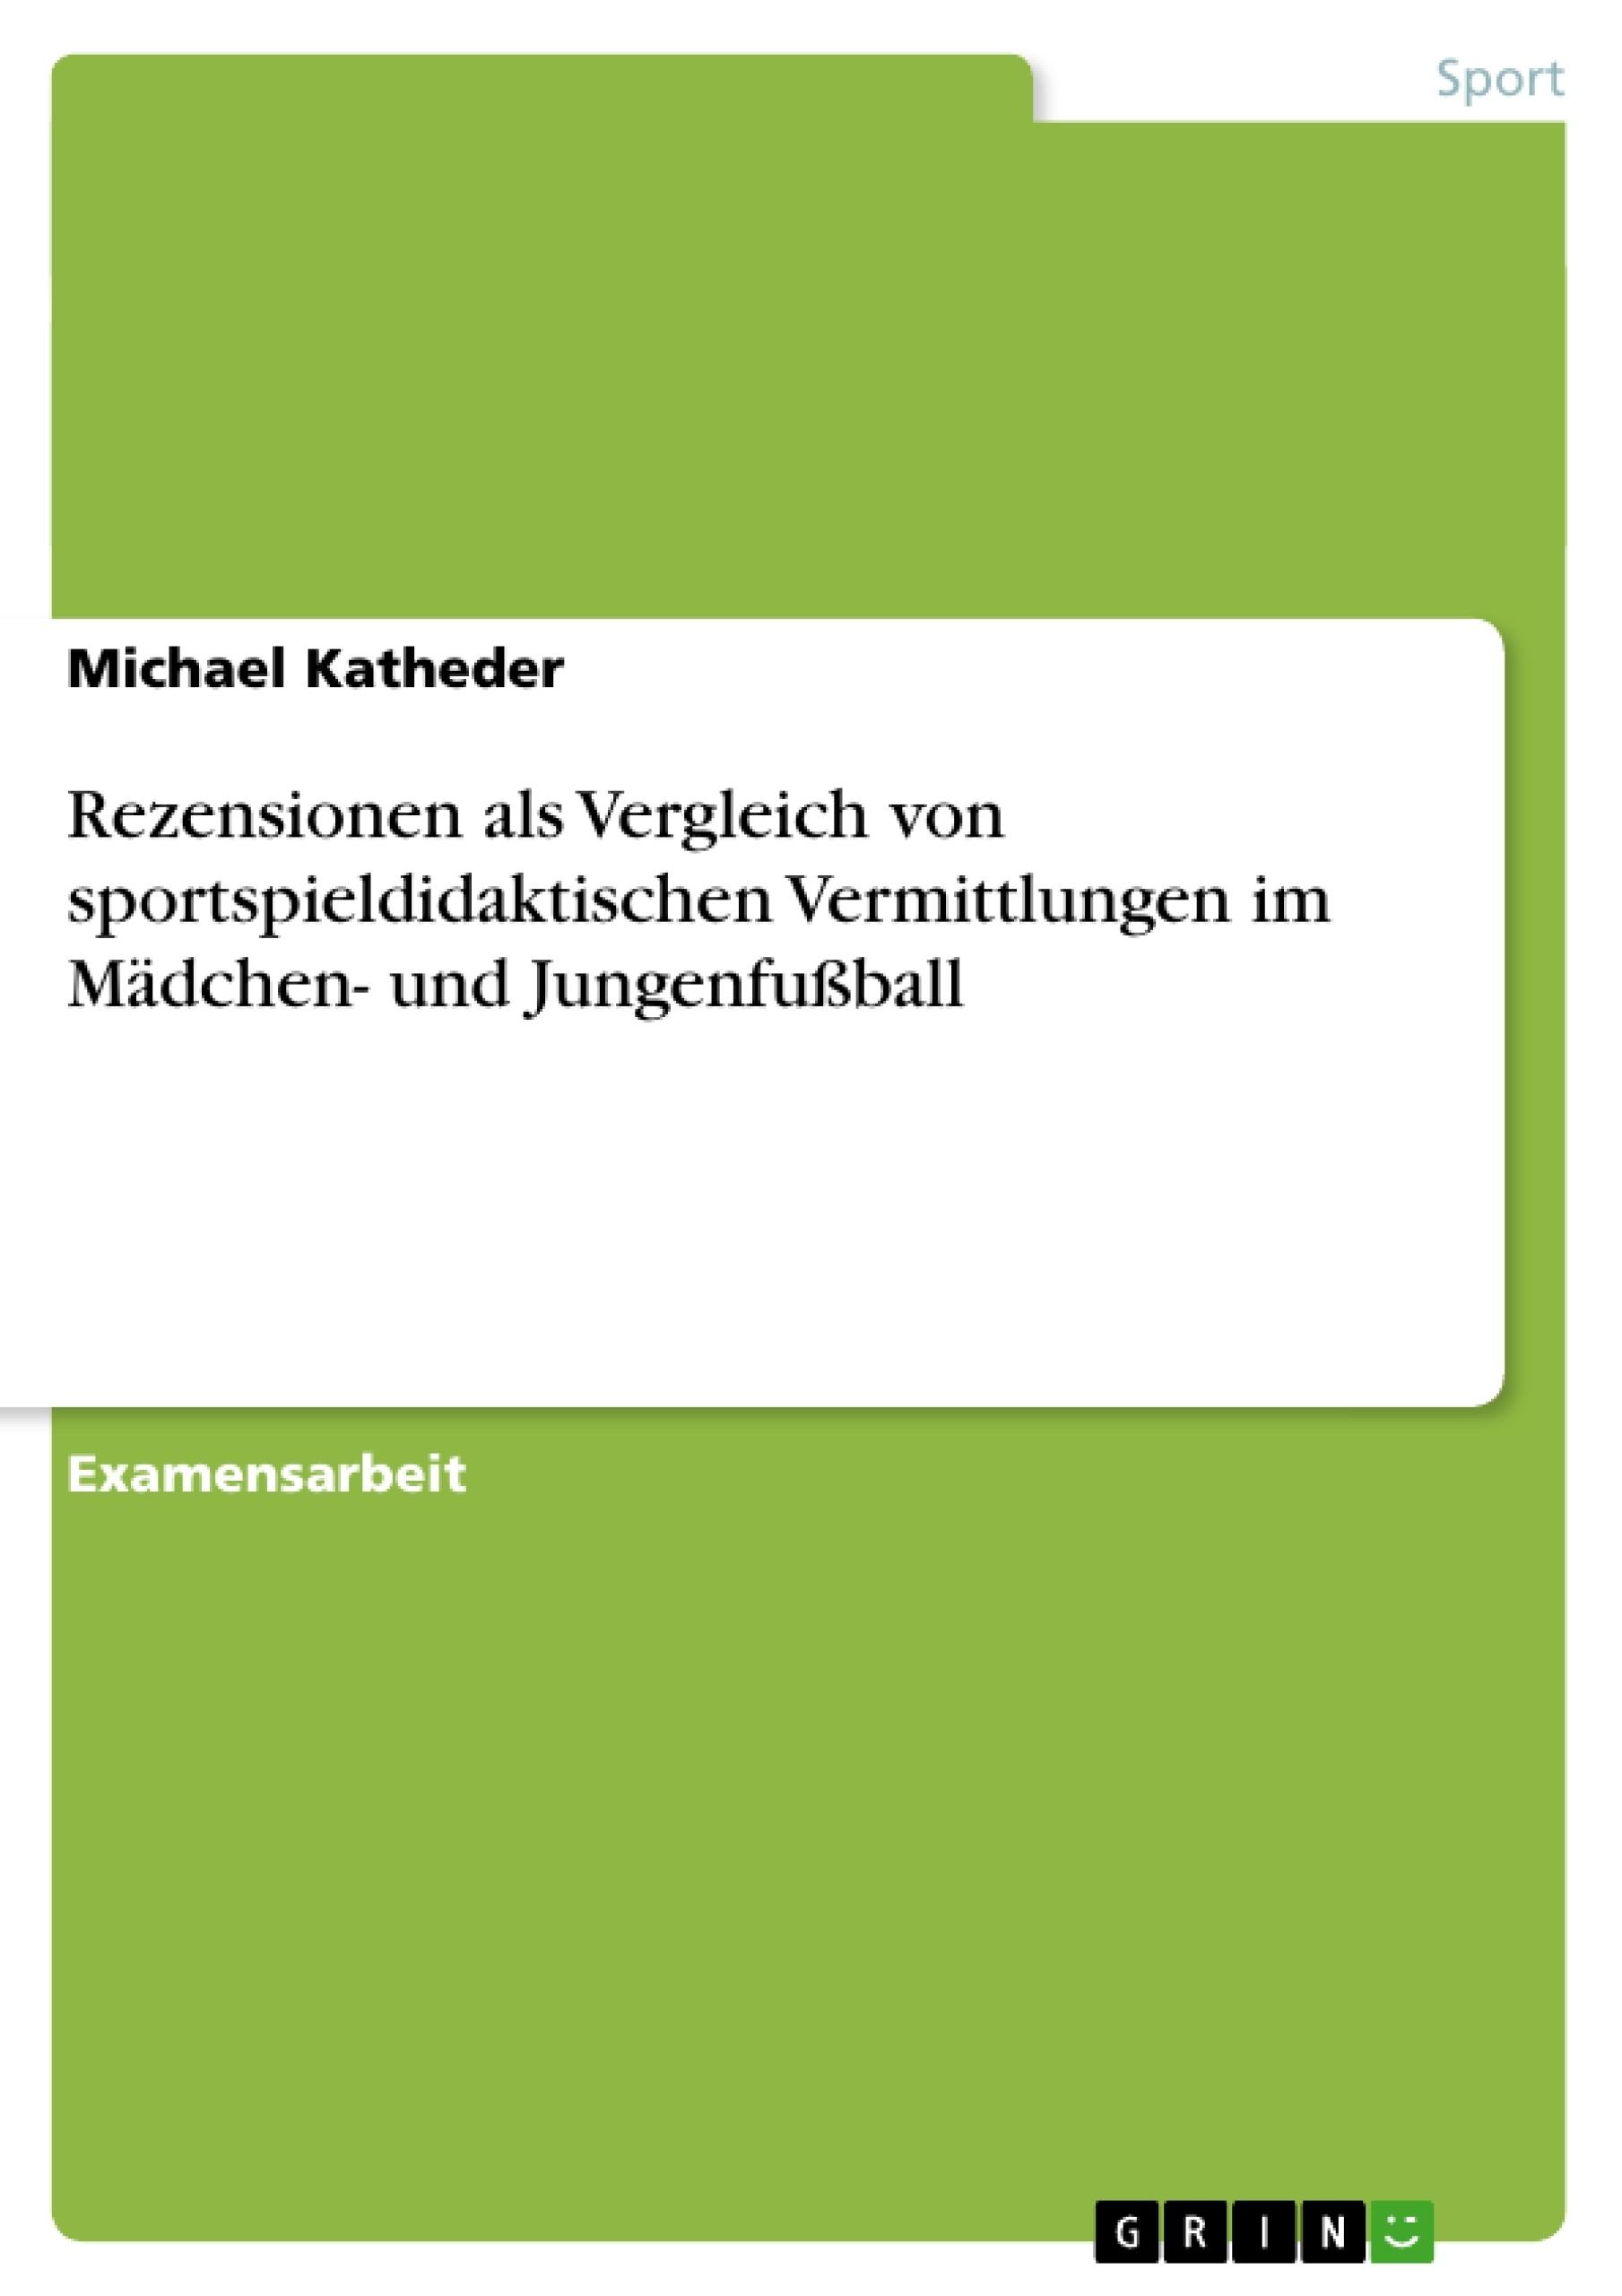 Titel: Rezensionen als Vergleich von sportspieldidaktischen Vermittlungen im Mädchen- und Jungenfußball